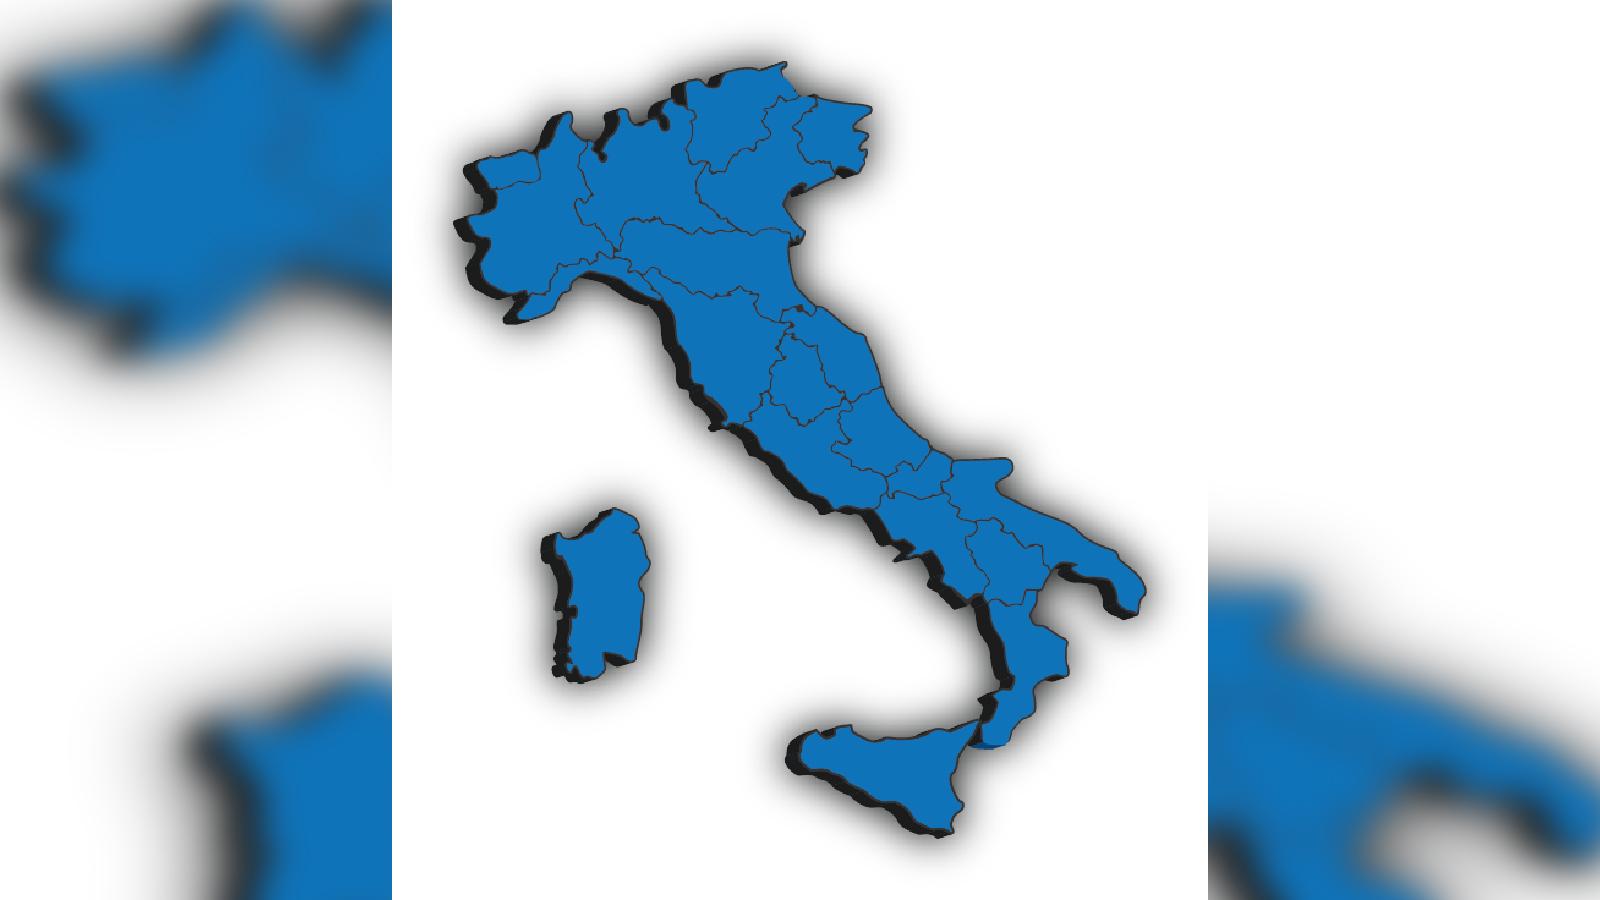 Italia, Paese miope e autolesionista